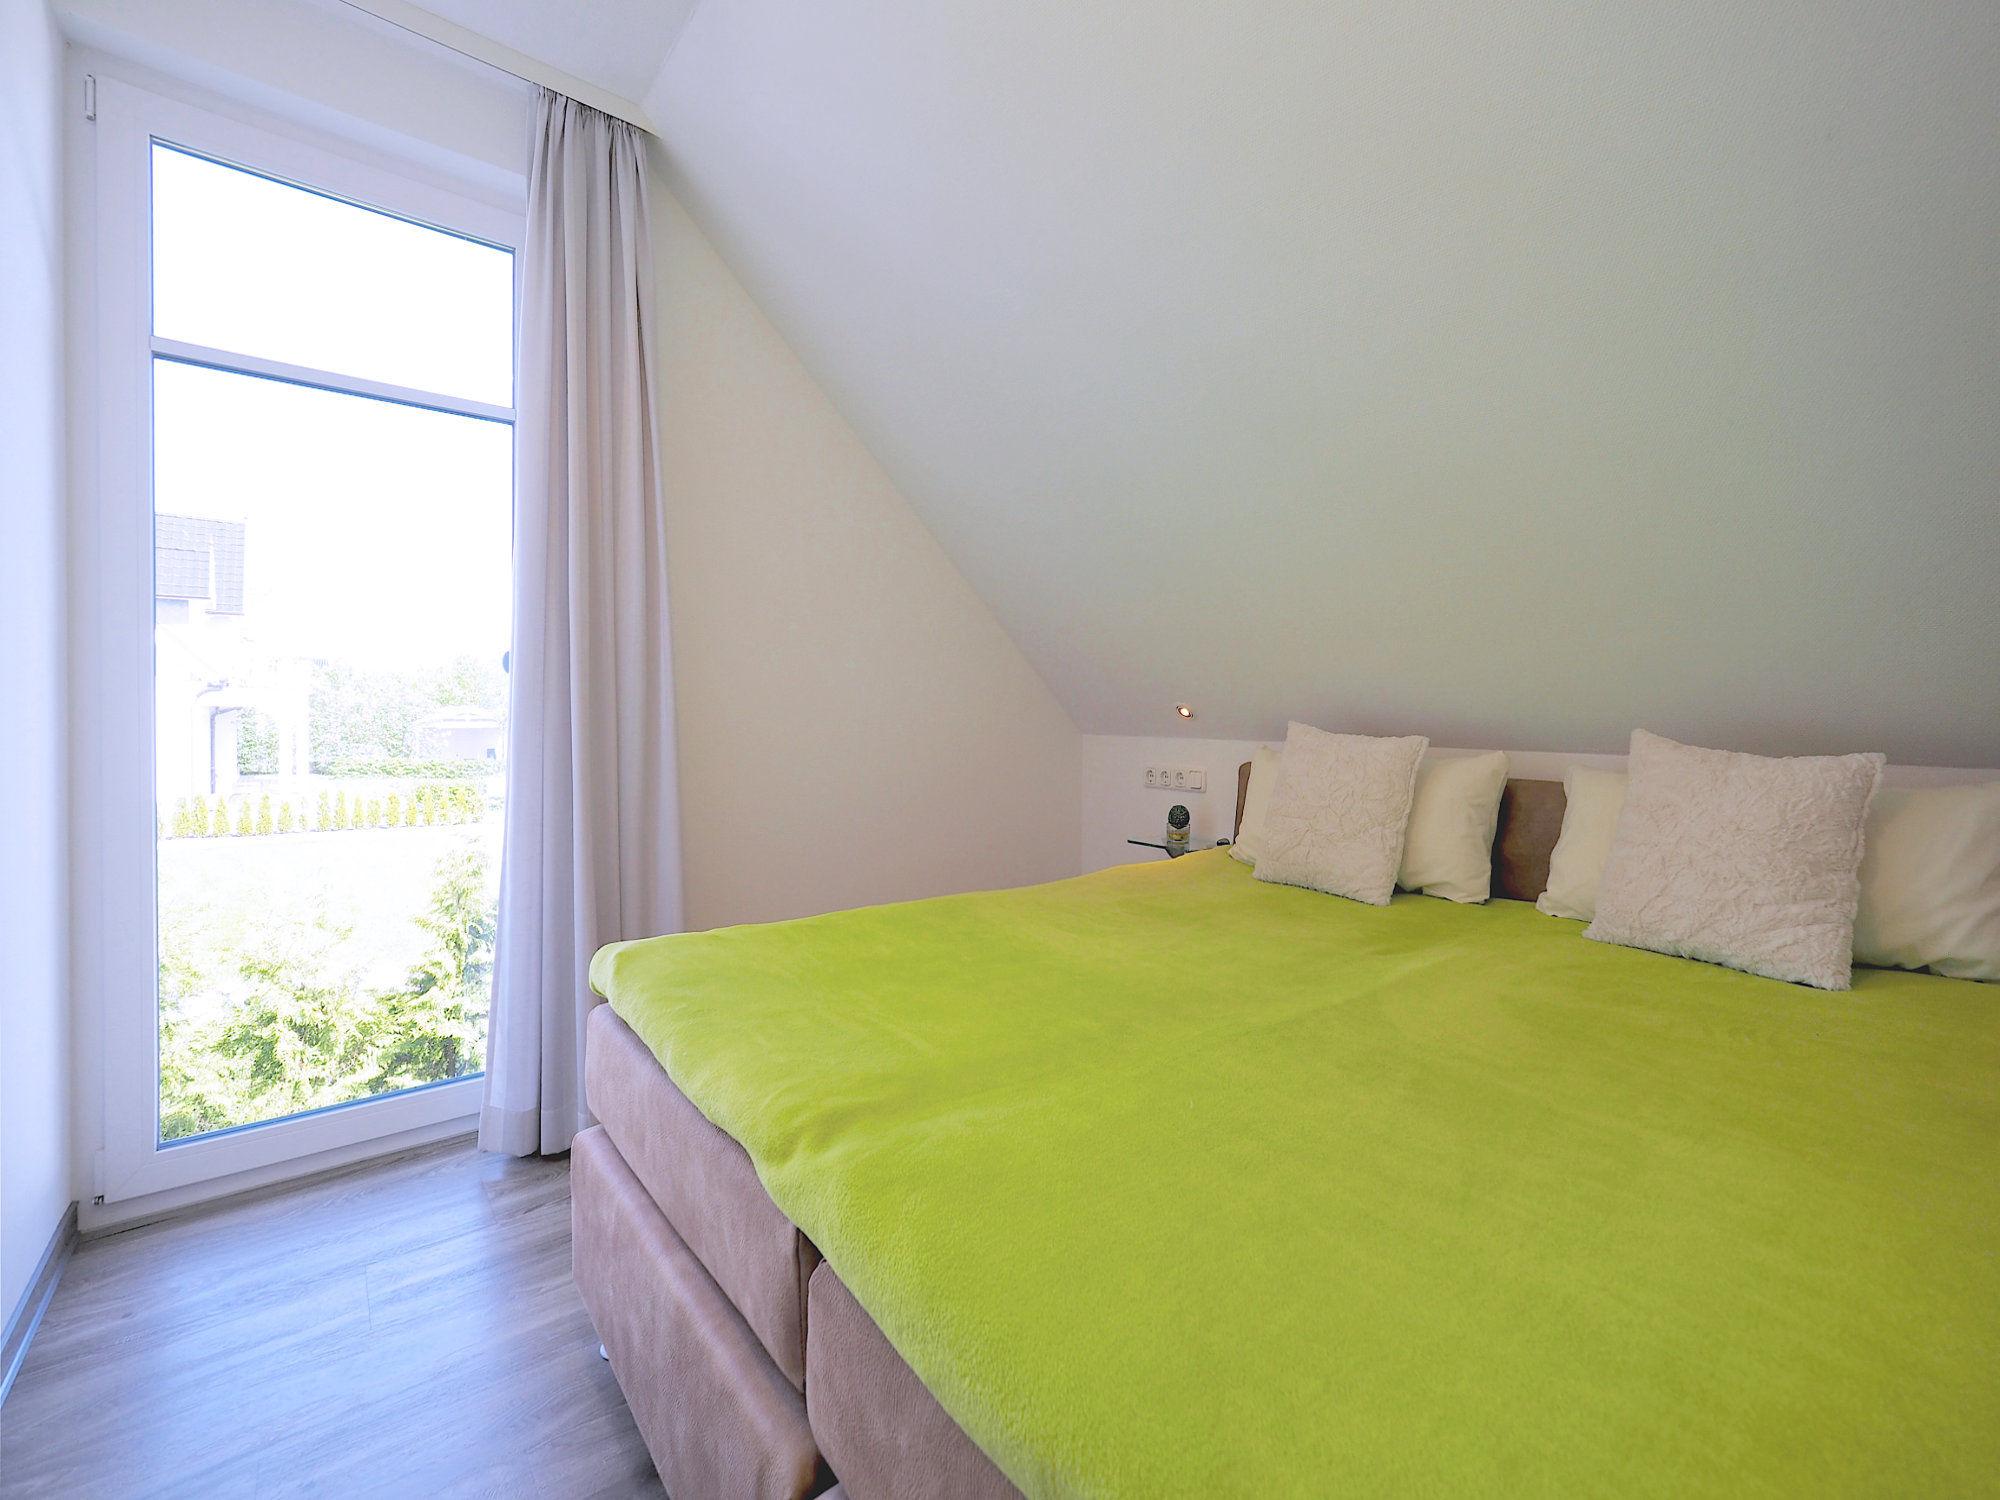 Zweites Schlafzimmer mit Doppelbett und bodentiefem Fenster